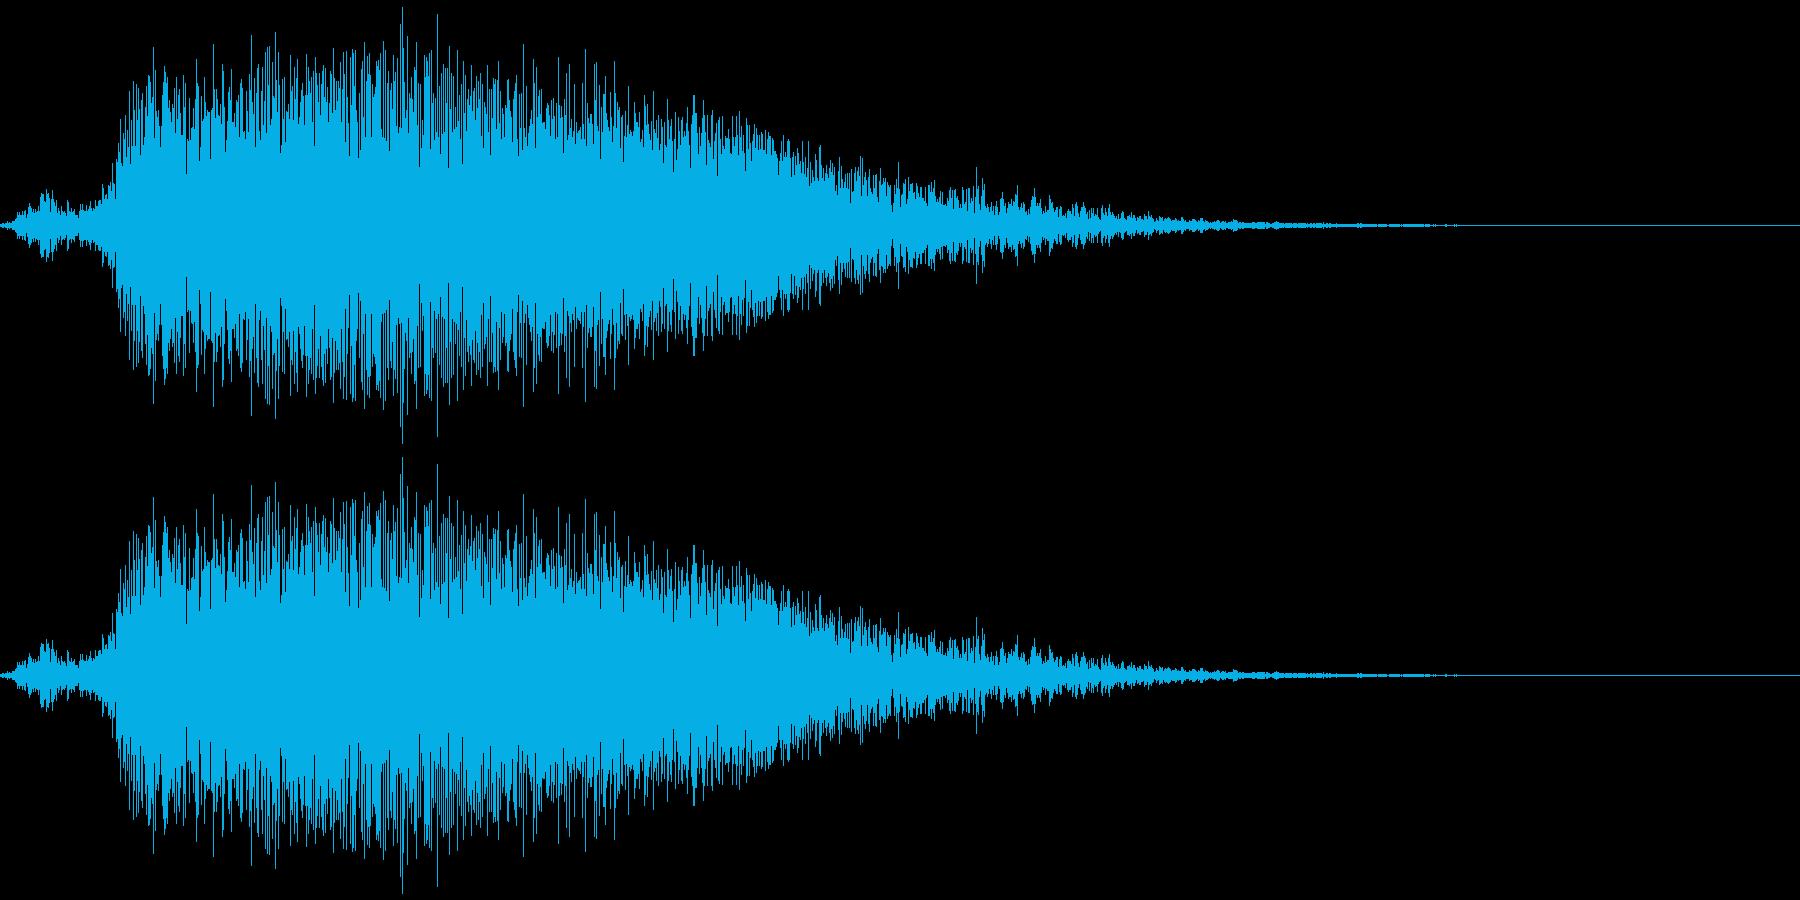 発射音(ピシュン)の再生済みの波形